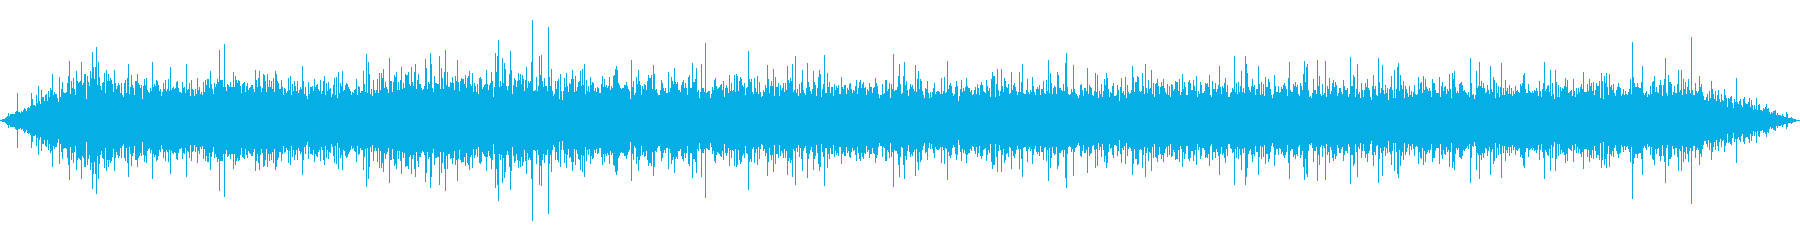 中流の再生済みの波形